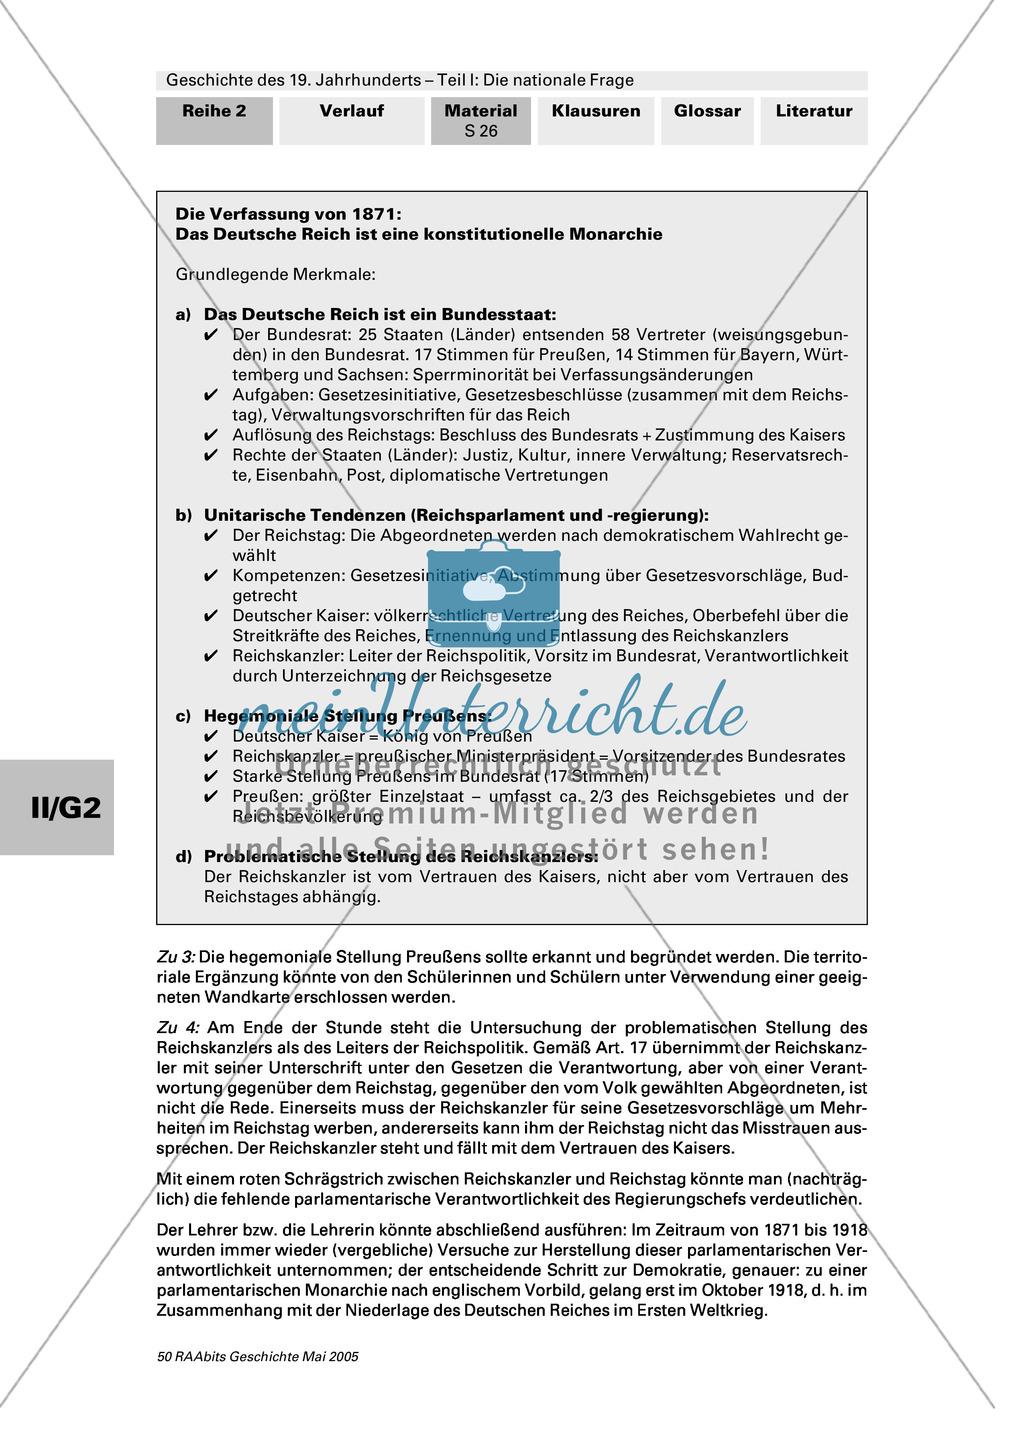 Geschichte des 19. Jahrhunderts: Die Verfassung des Deutschen Reiches von 1871 Preview 2